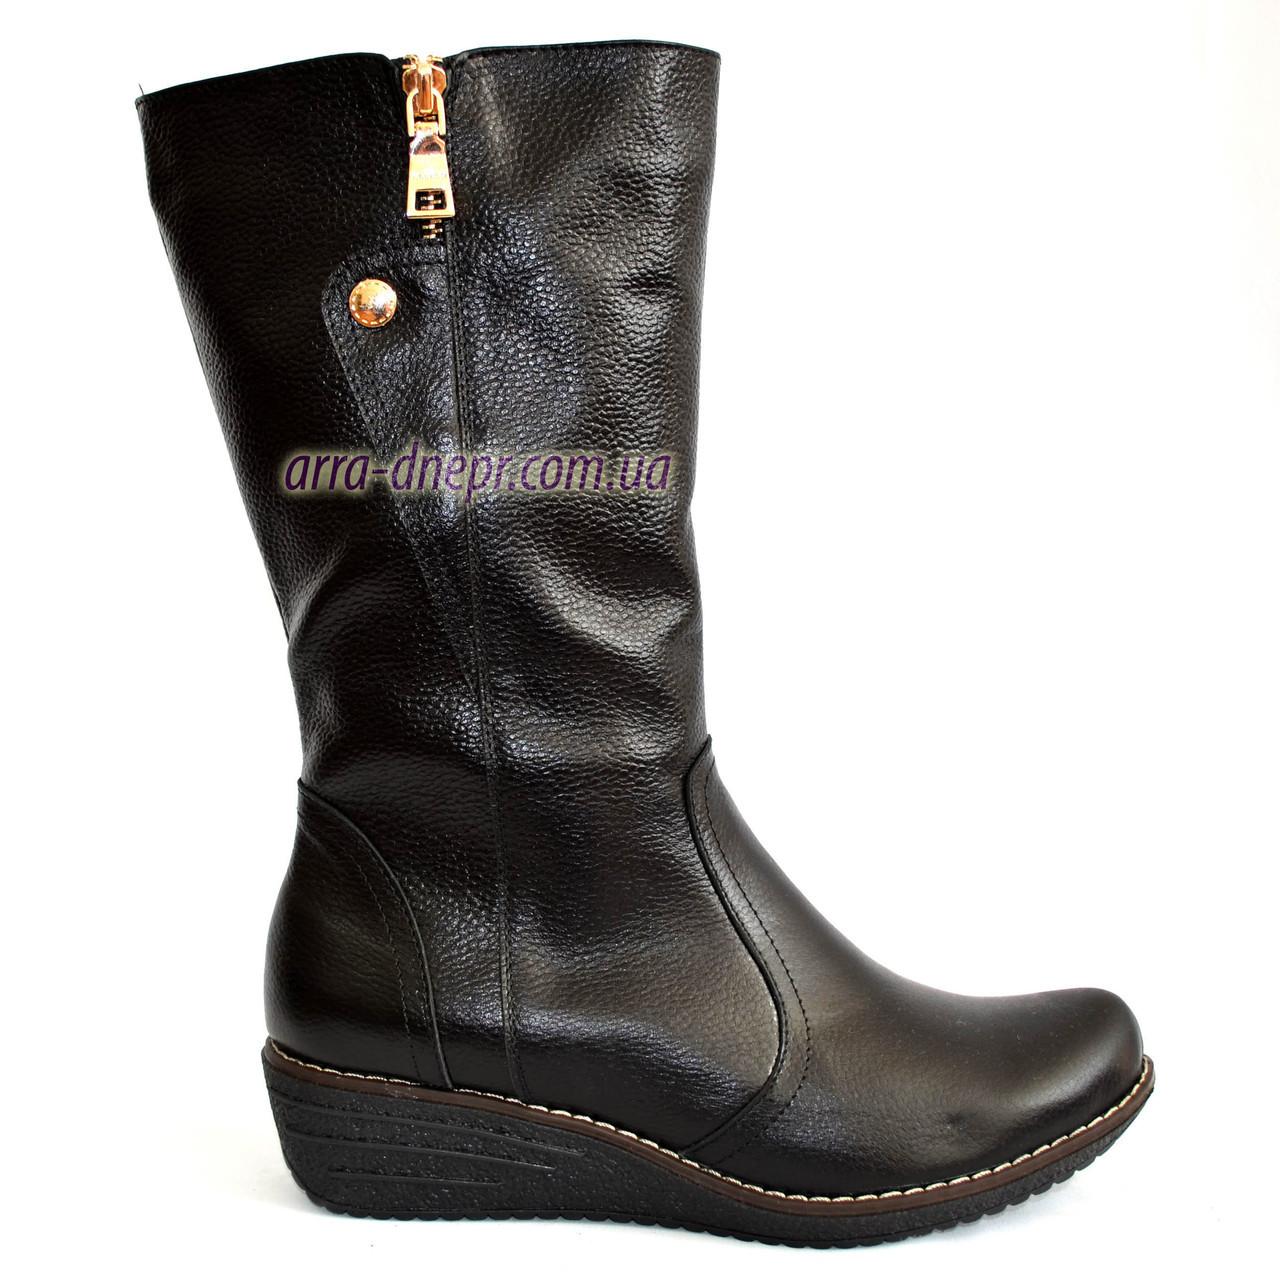 Женские демисезонные ботинки на невысокой платформе, натуральная кожа флотар.Широкая голень!